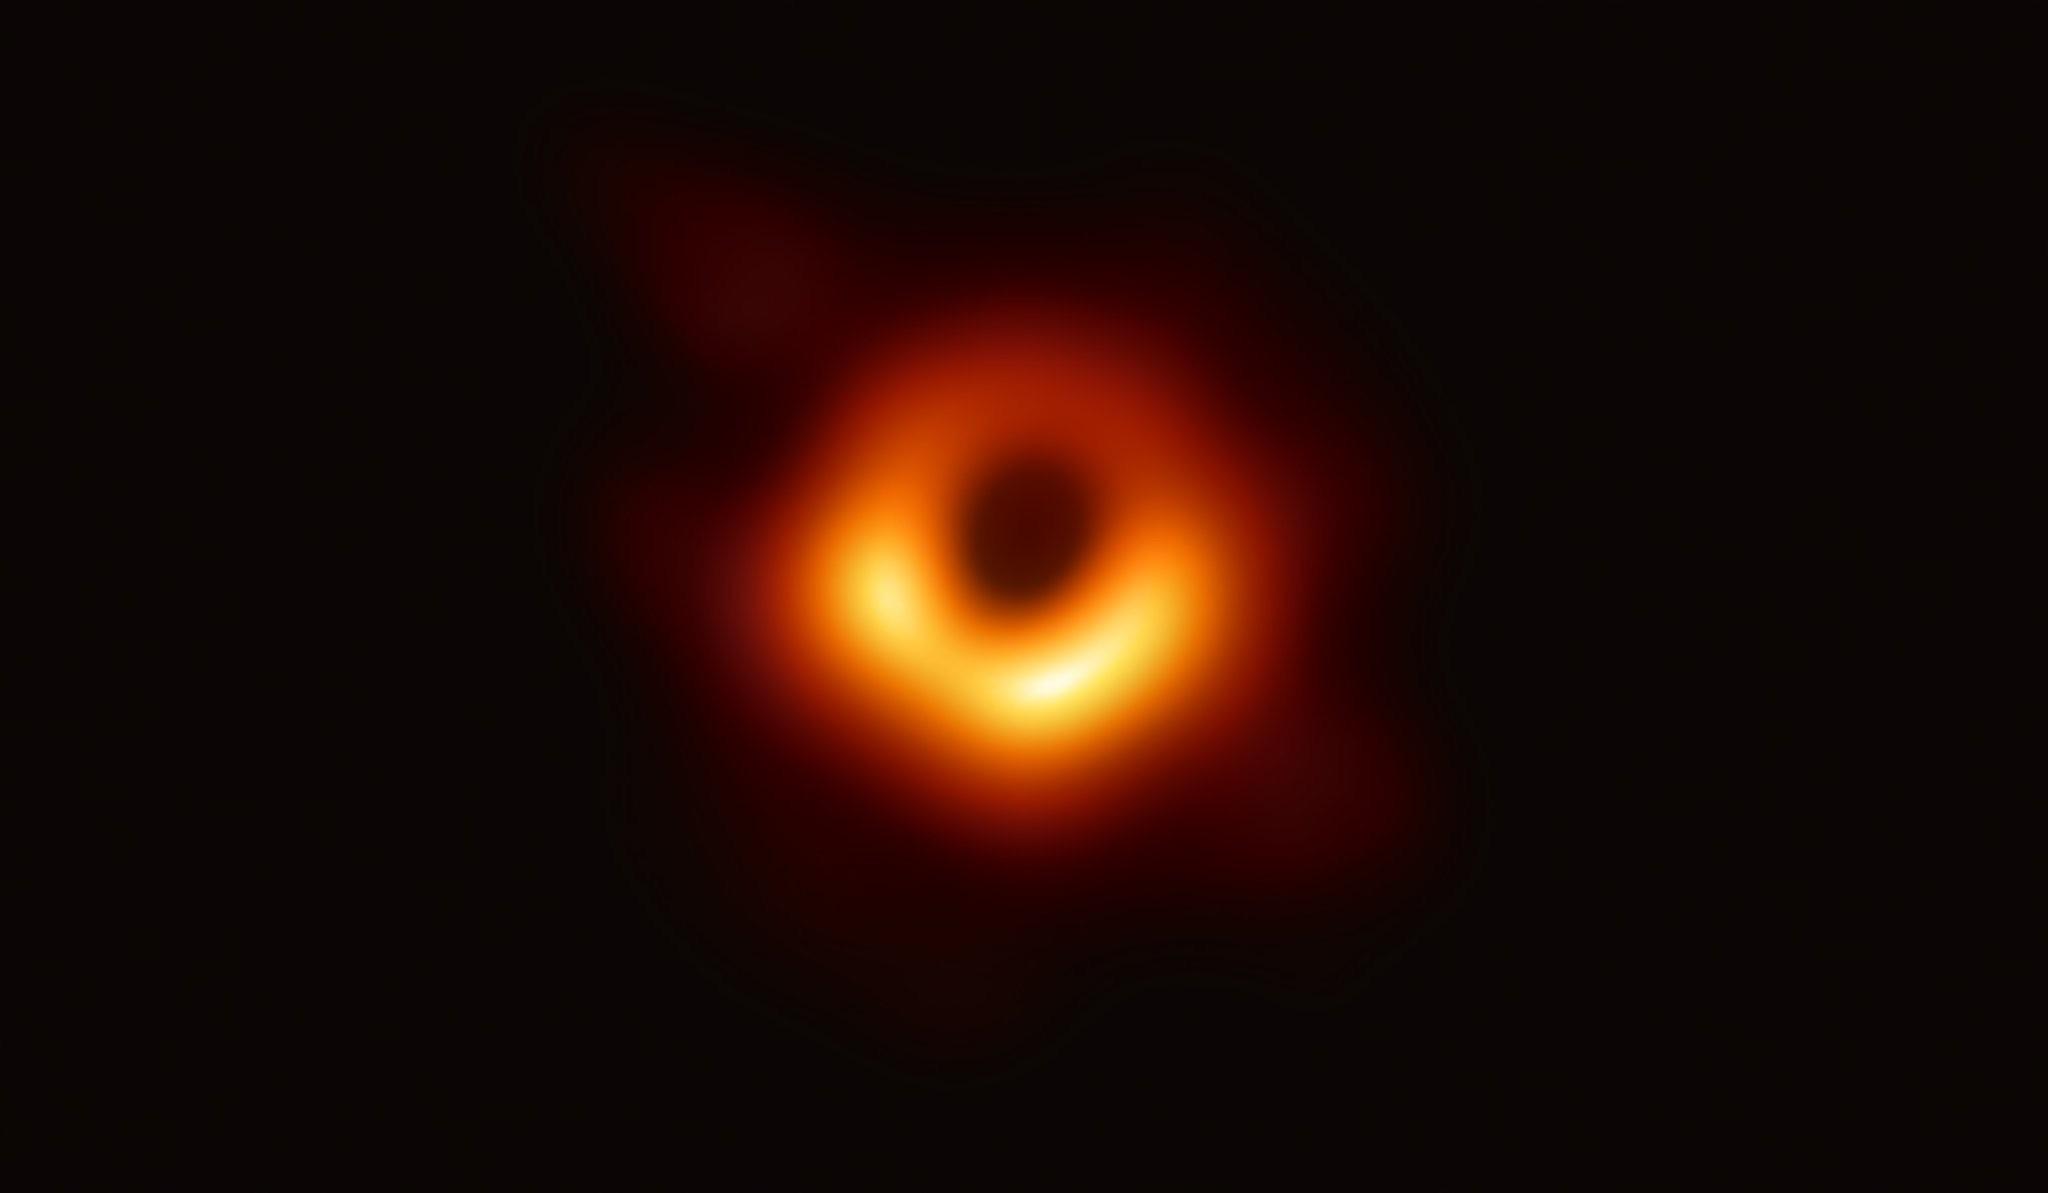 Откриха нов вид черна дупка